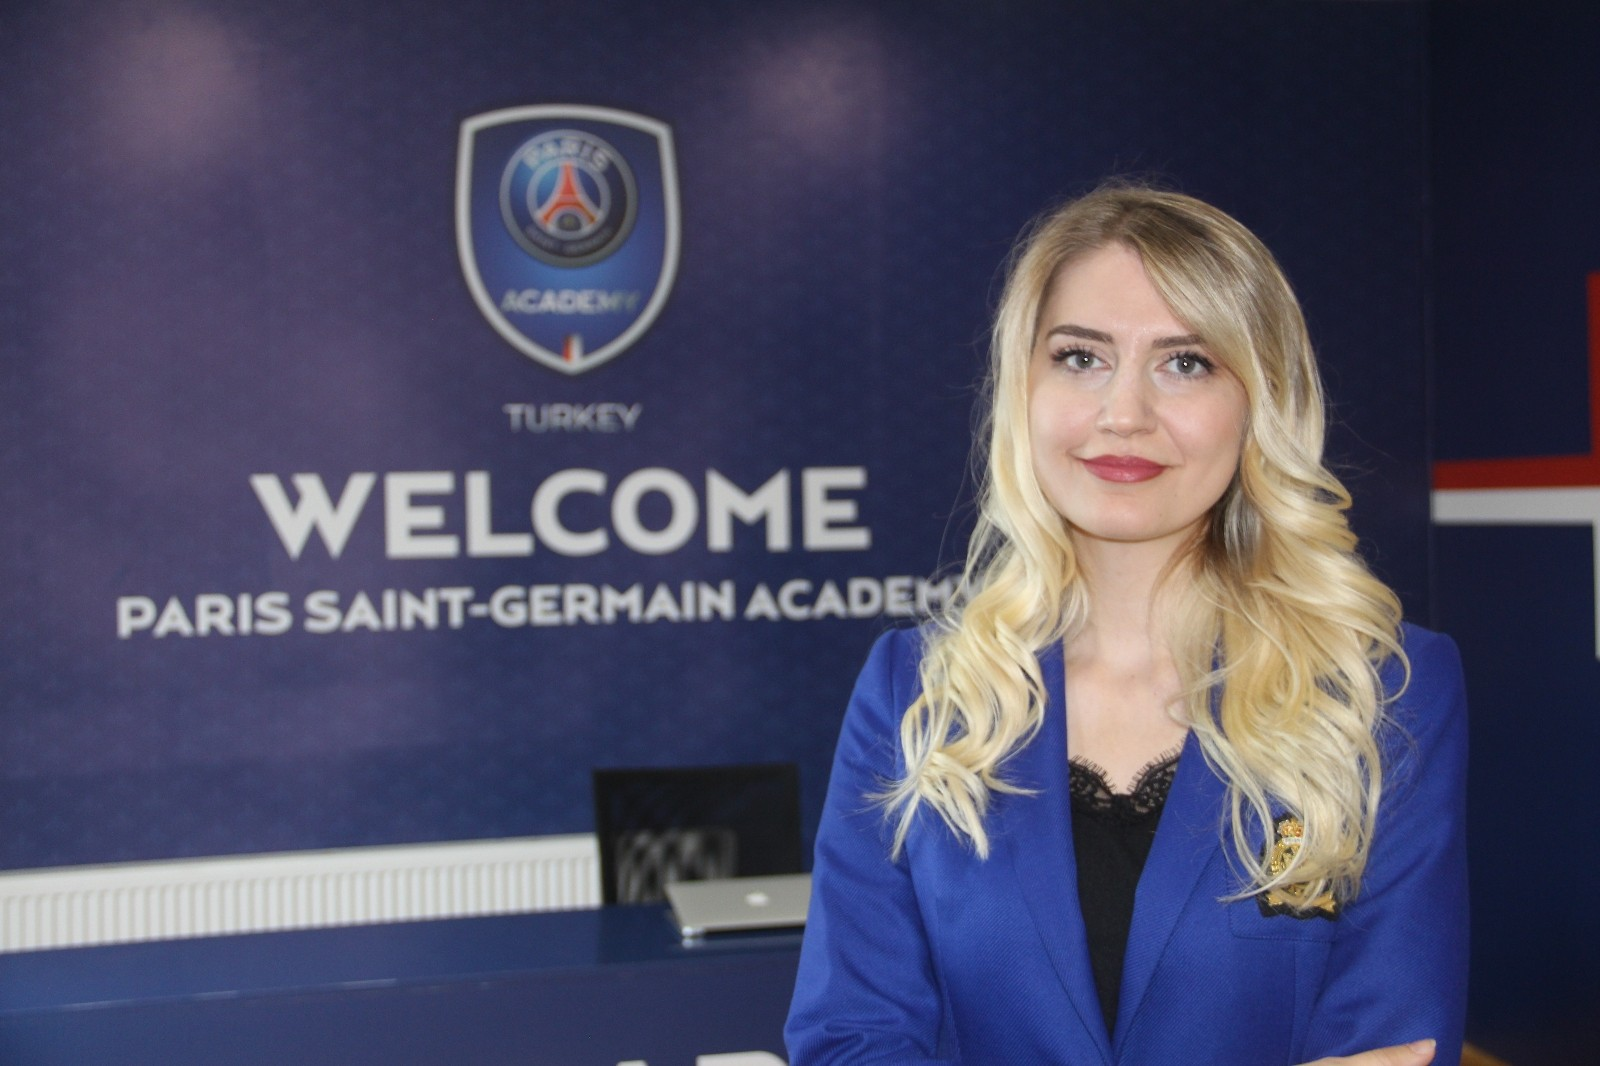 Erzurum'da Paris Saint-Germain Futbol Akademisi açıldı